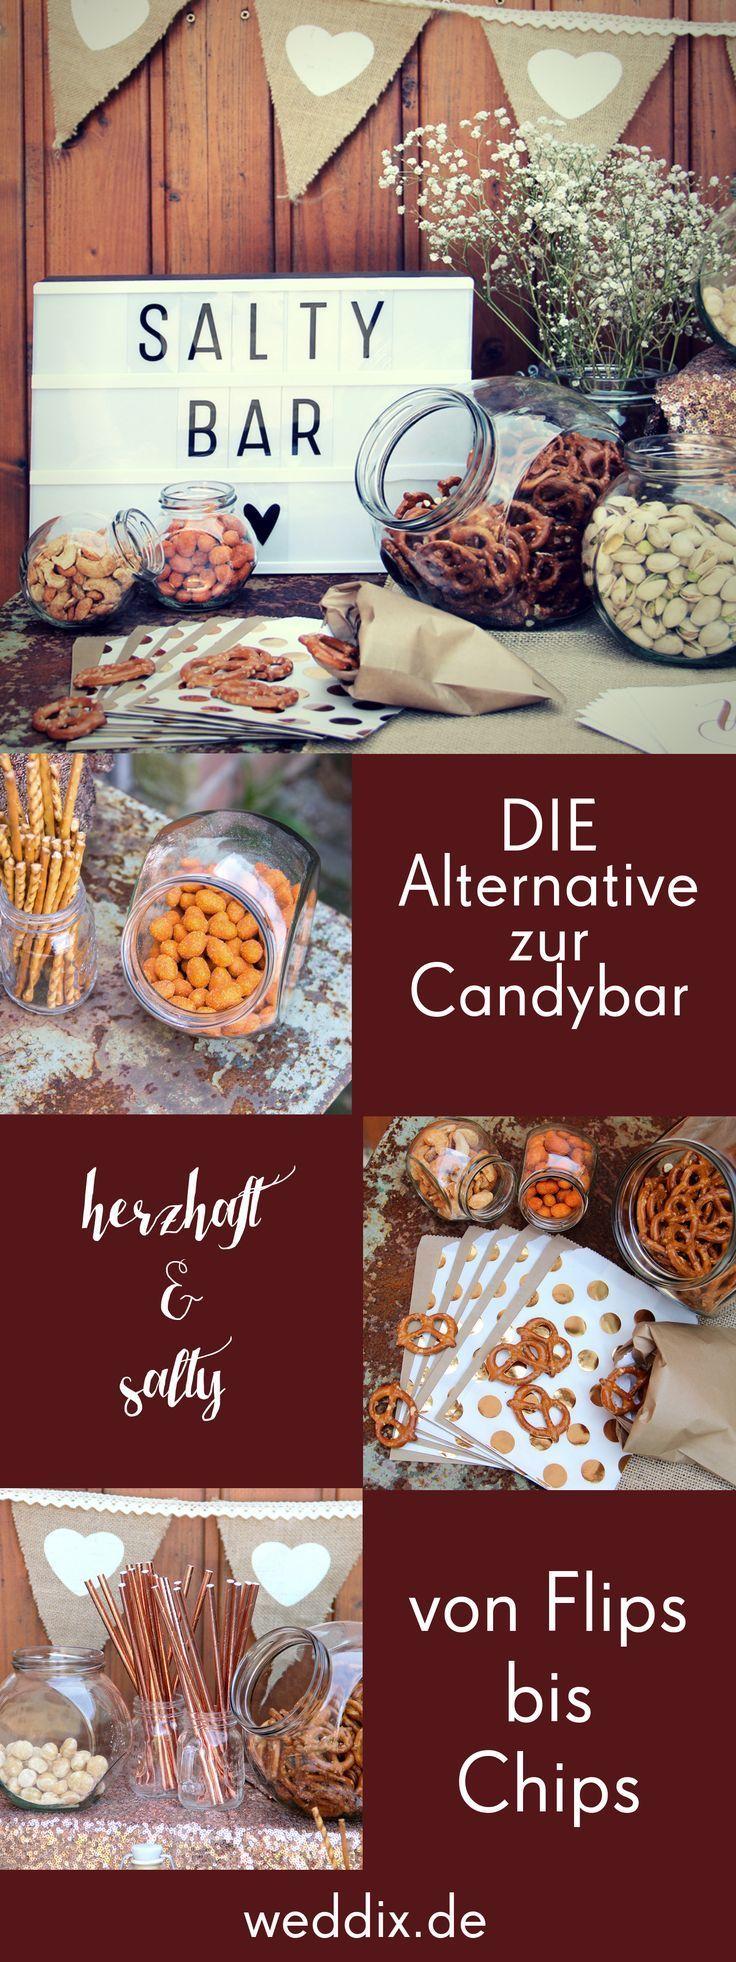 6 Alternativen zur Candybar – Mein Blog